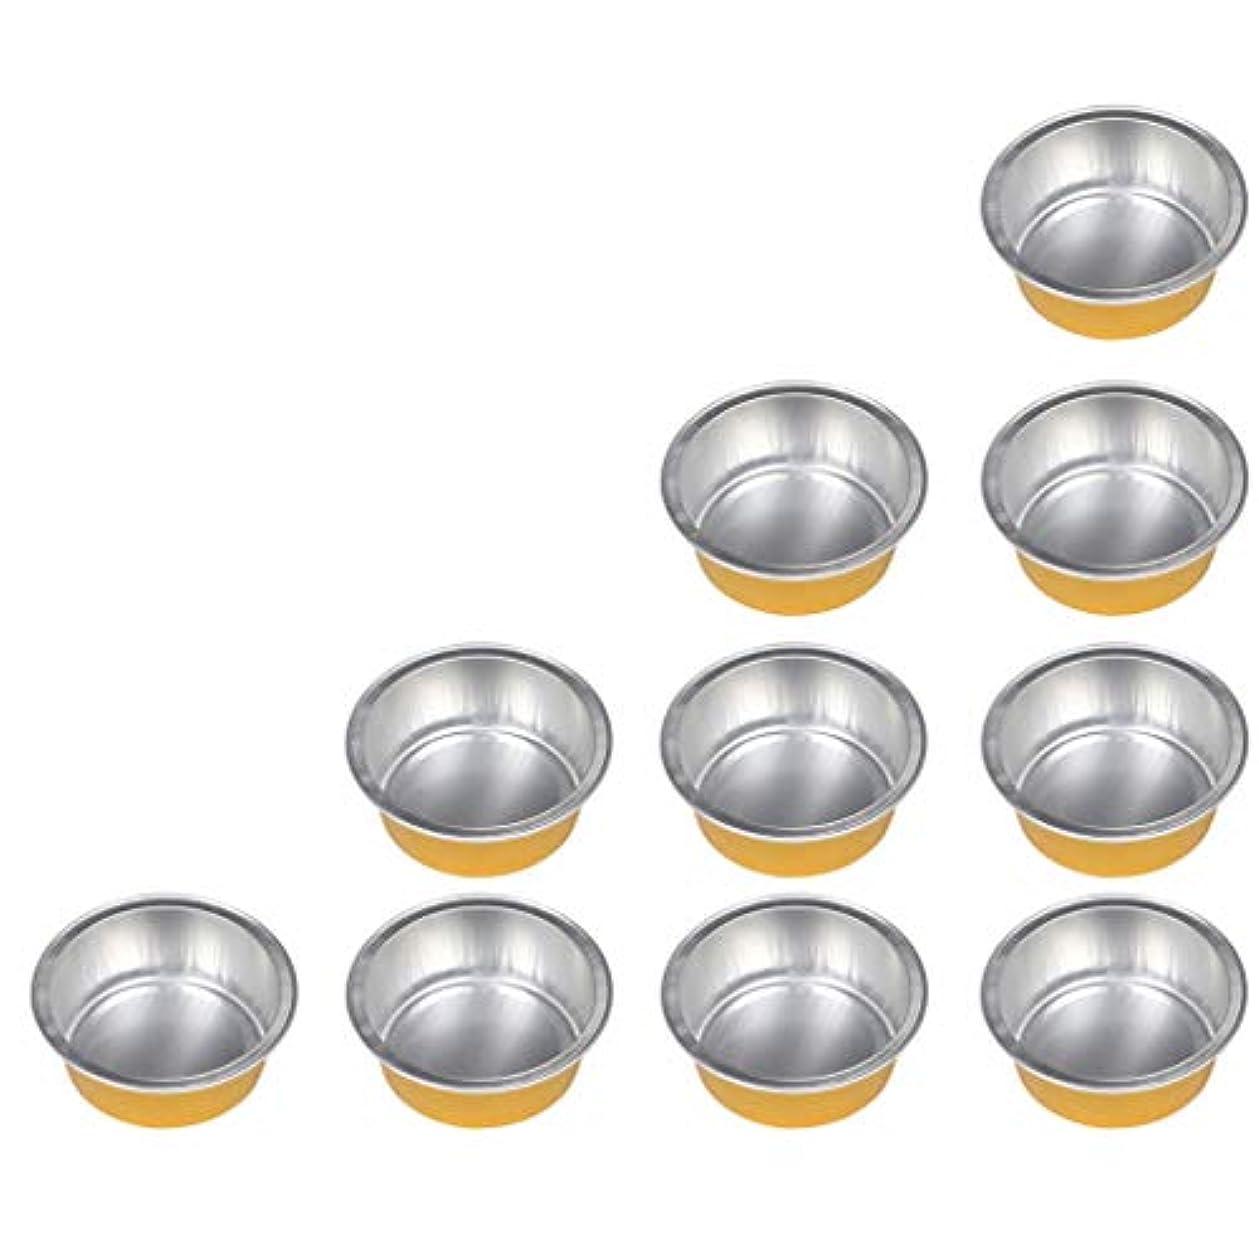 タップ航空機器具アルミホイルボウル 脱毛 毛除去 10個セット ミニ ワックス豆体 融解 2種選ぶ - ゴールデン1, 01